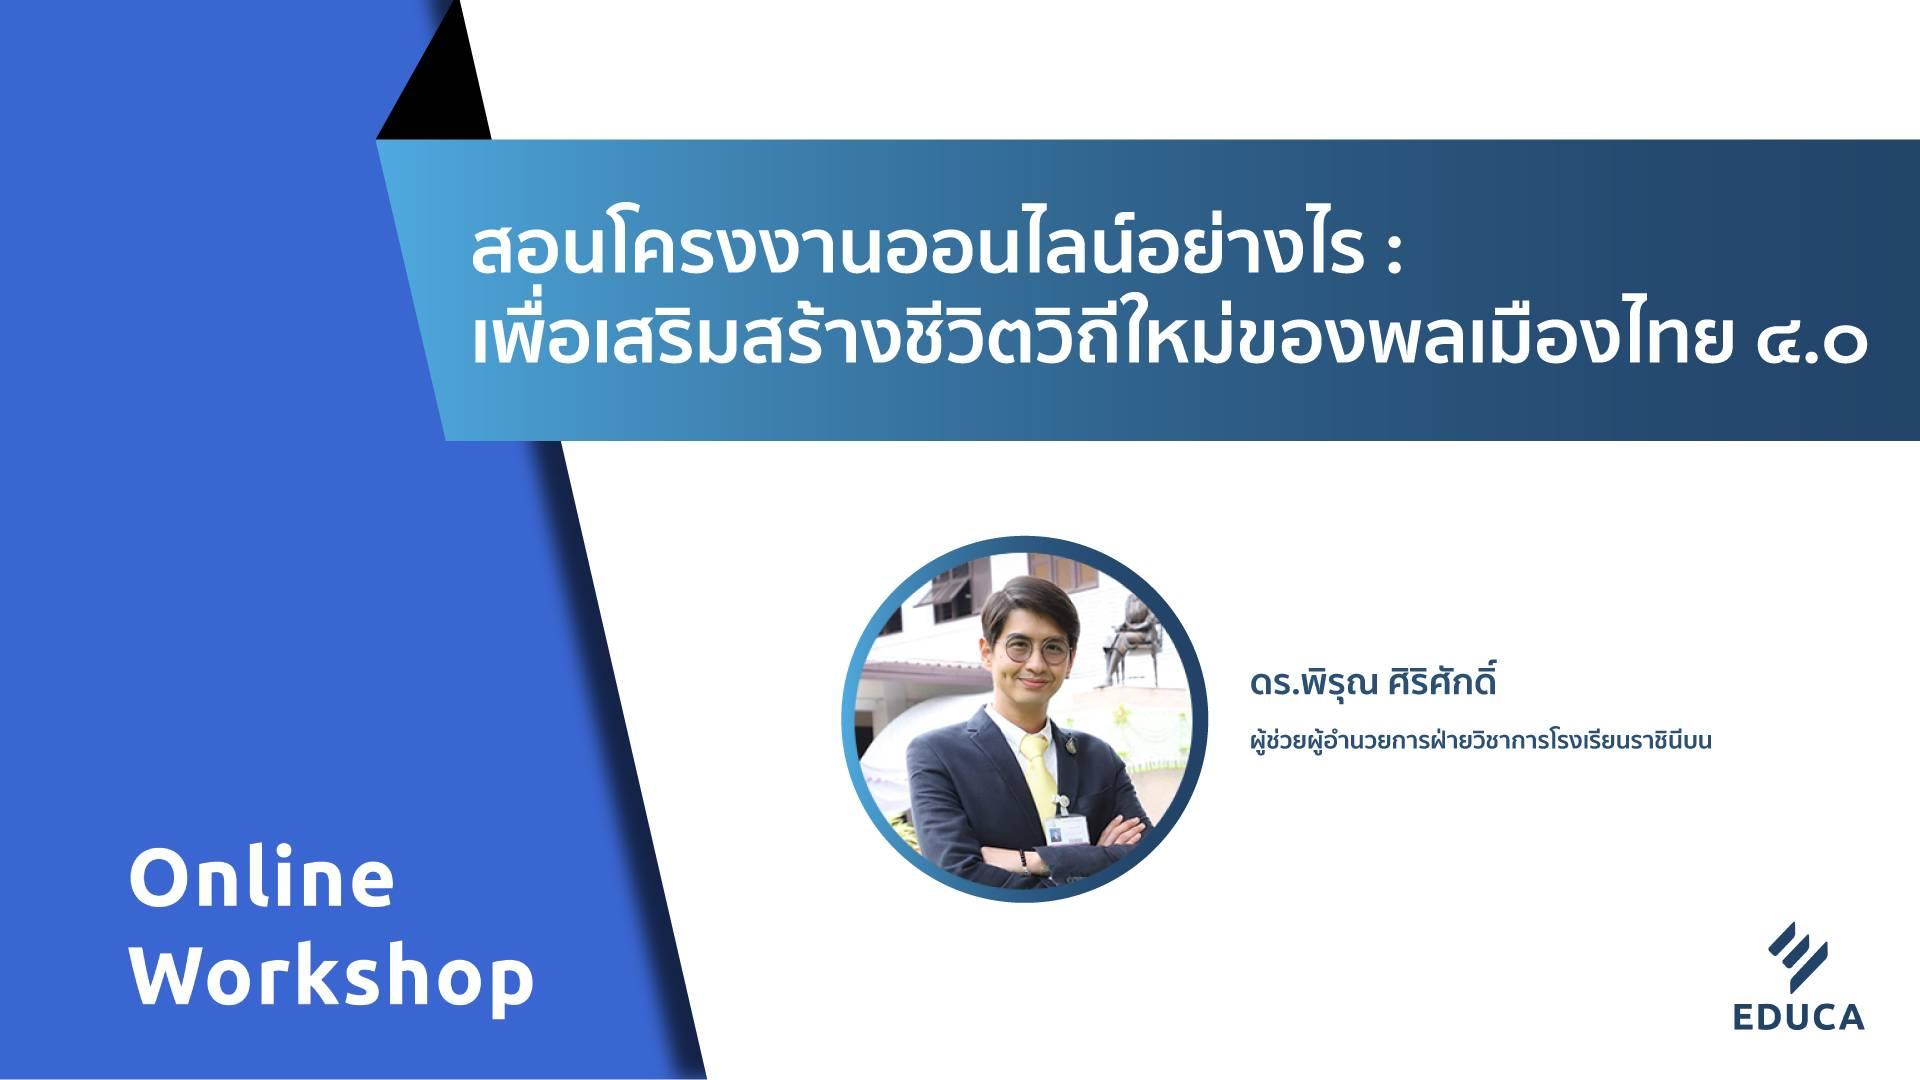 สอนโครงงานออนไลน์อย่างไร: เพื่อเสริมสร้างชีวิตวิถีใหม่ของพลเมืองไทย 4.0